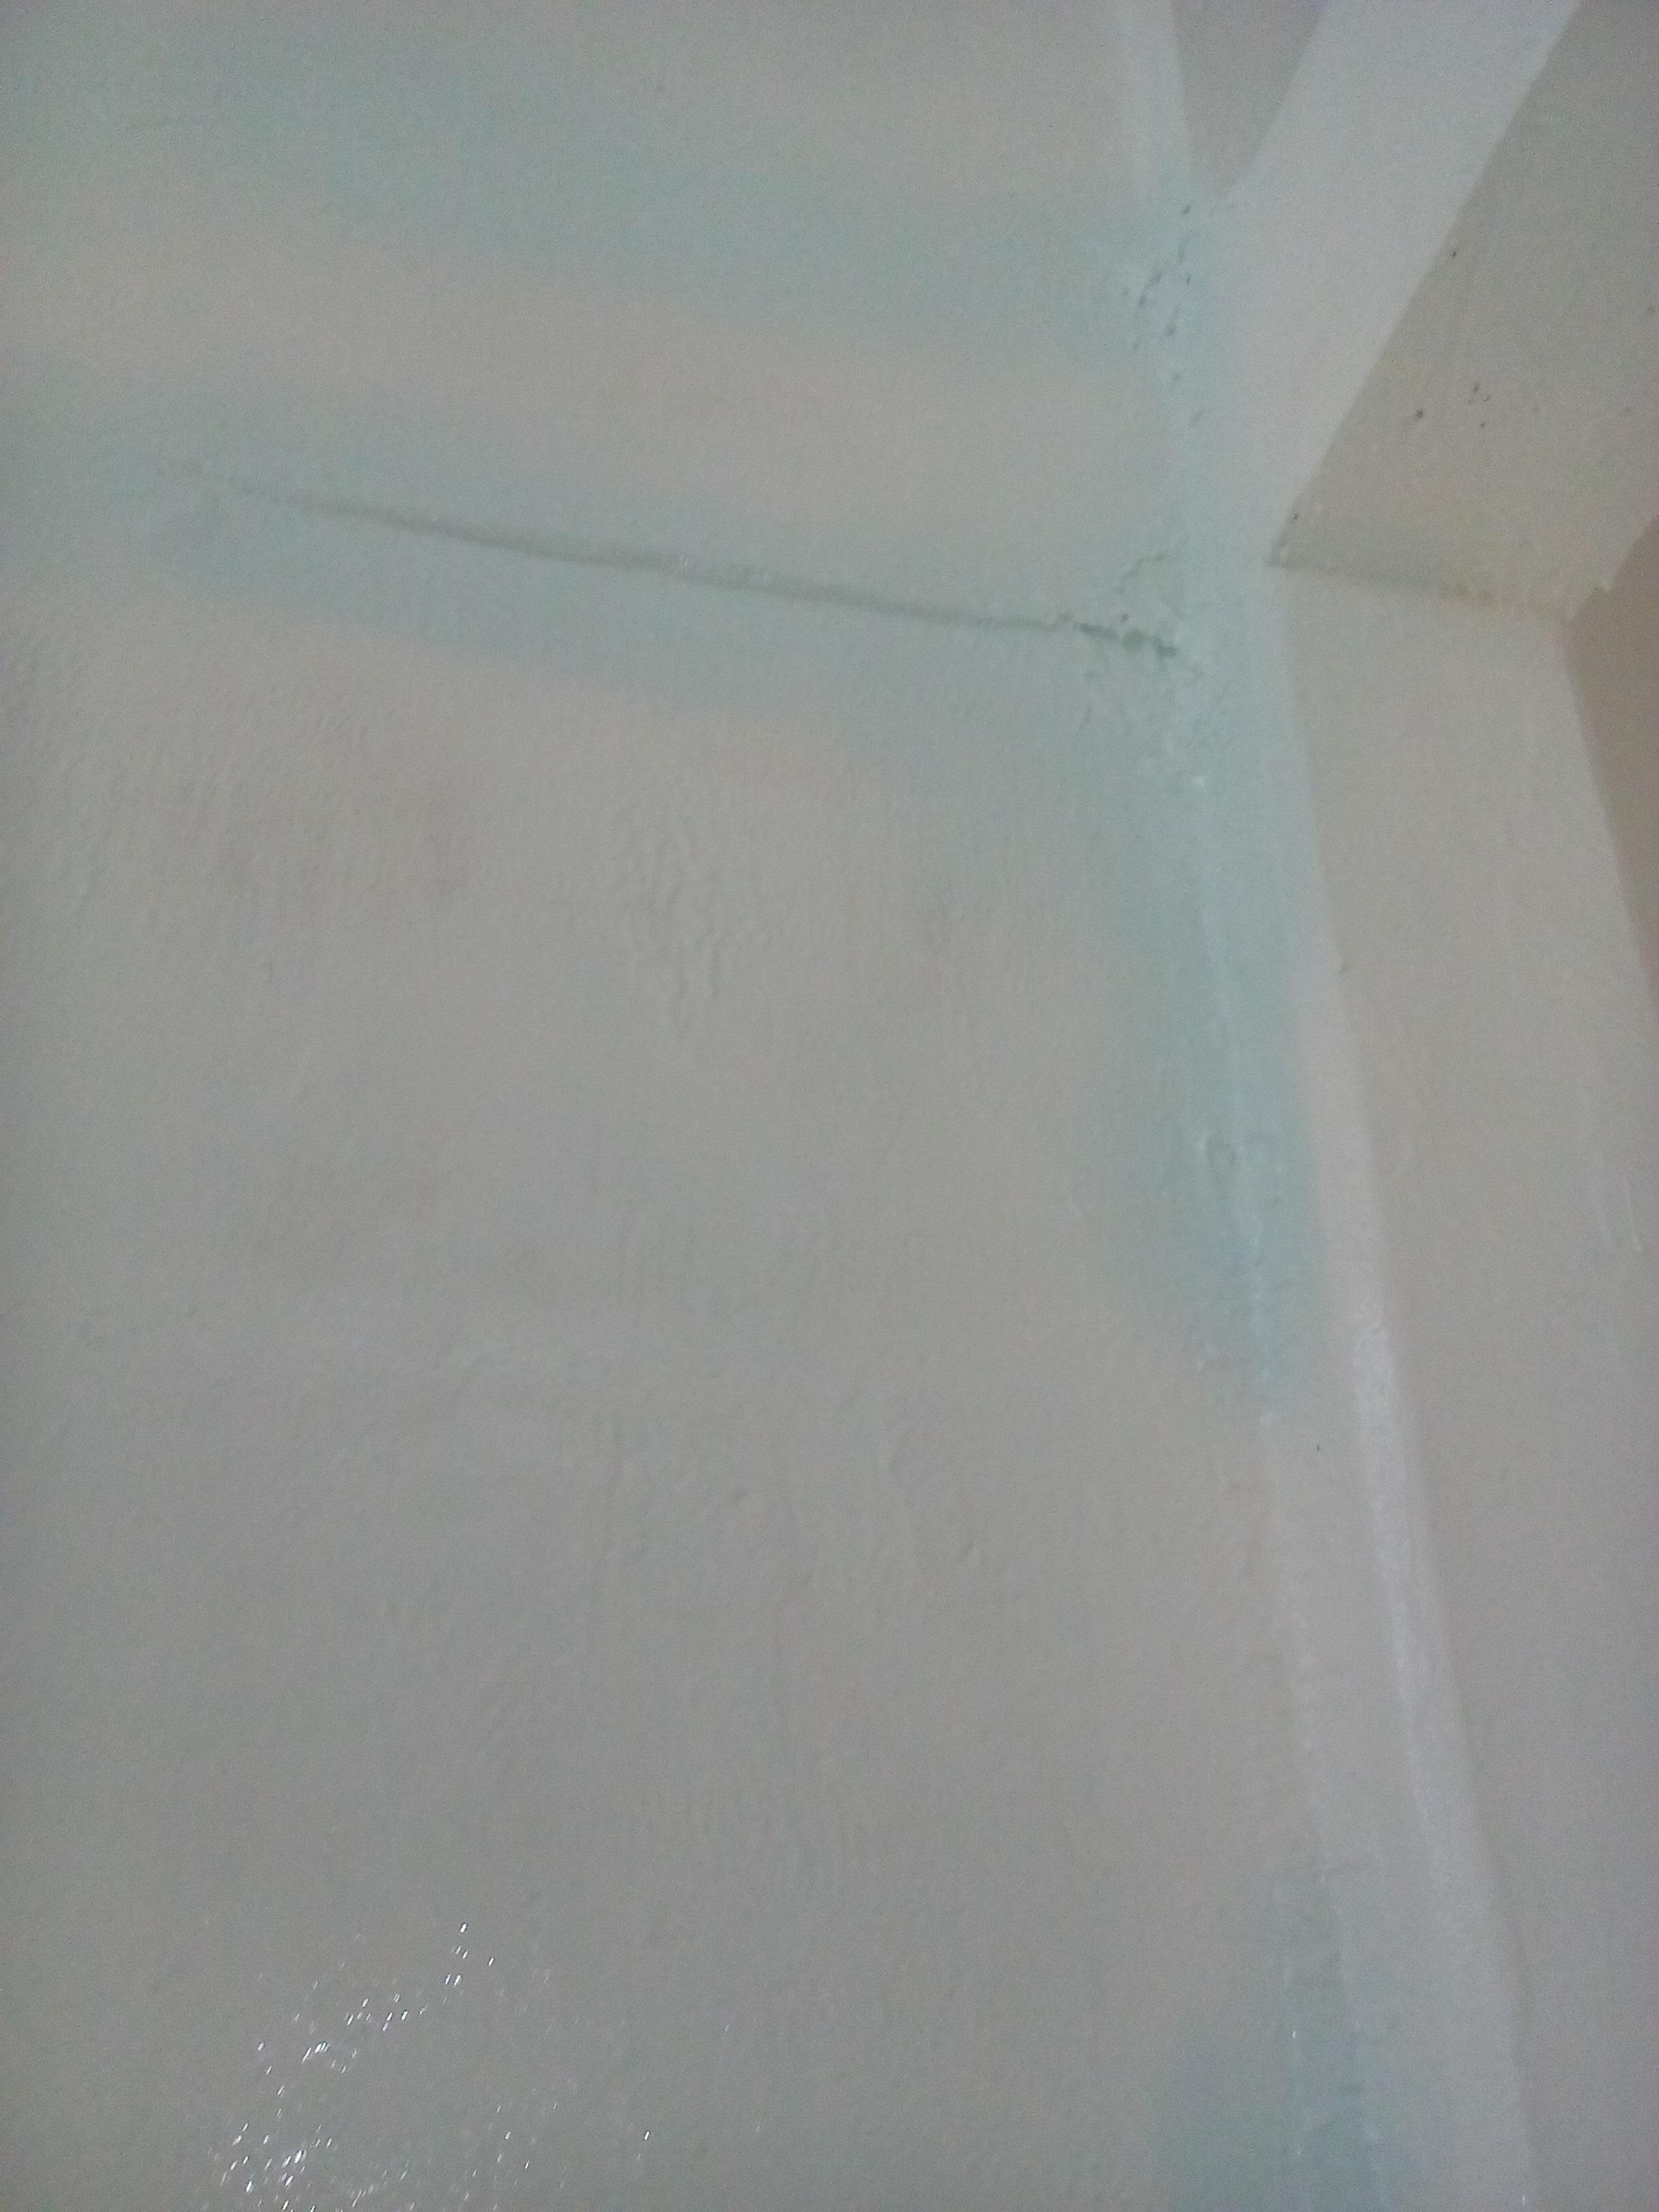 Impermeabilización tanque agua potable con poliurea